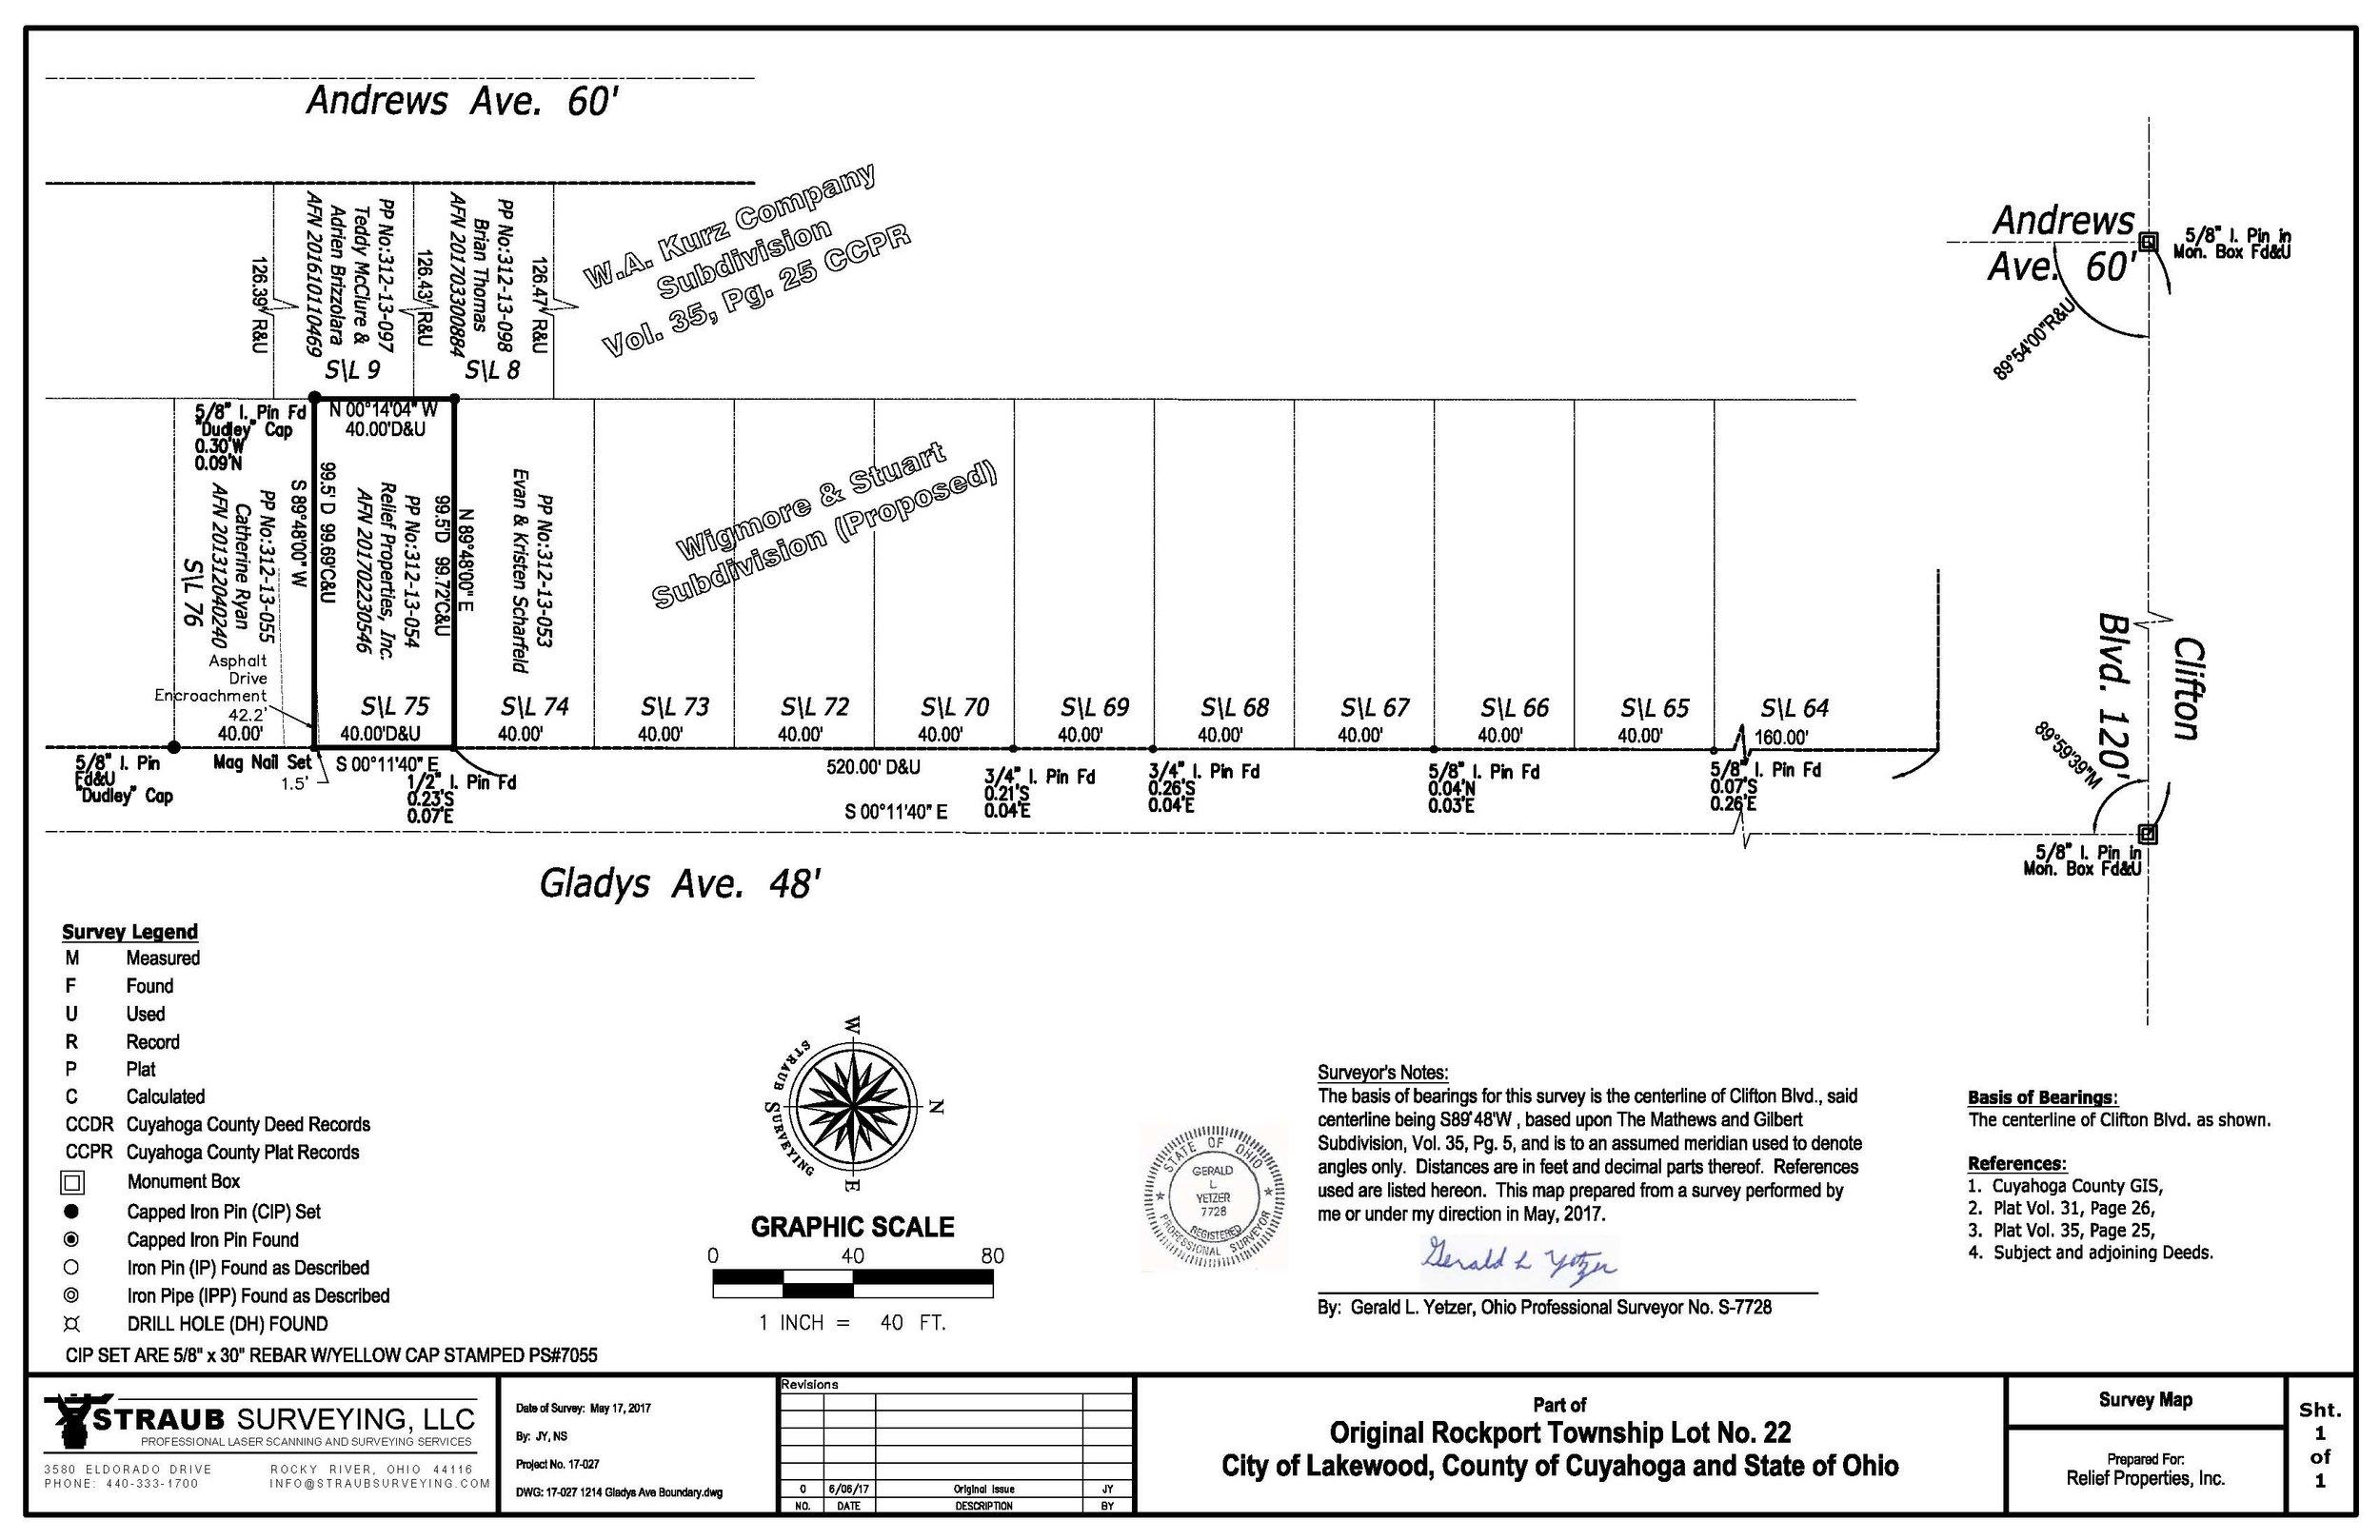 17-027 1214 Gladys Ave Boundary Signed.jpg